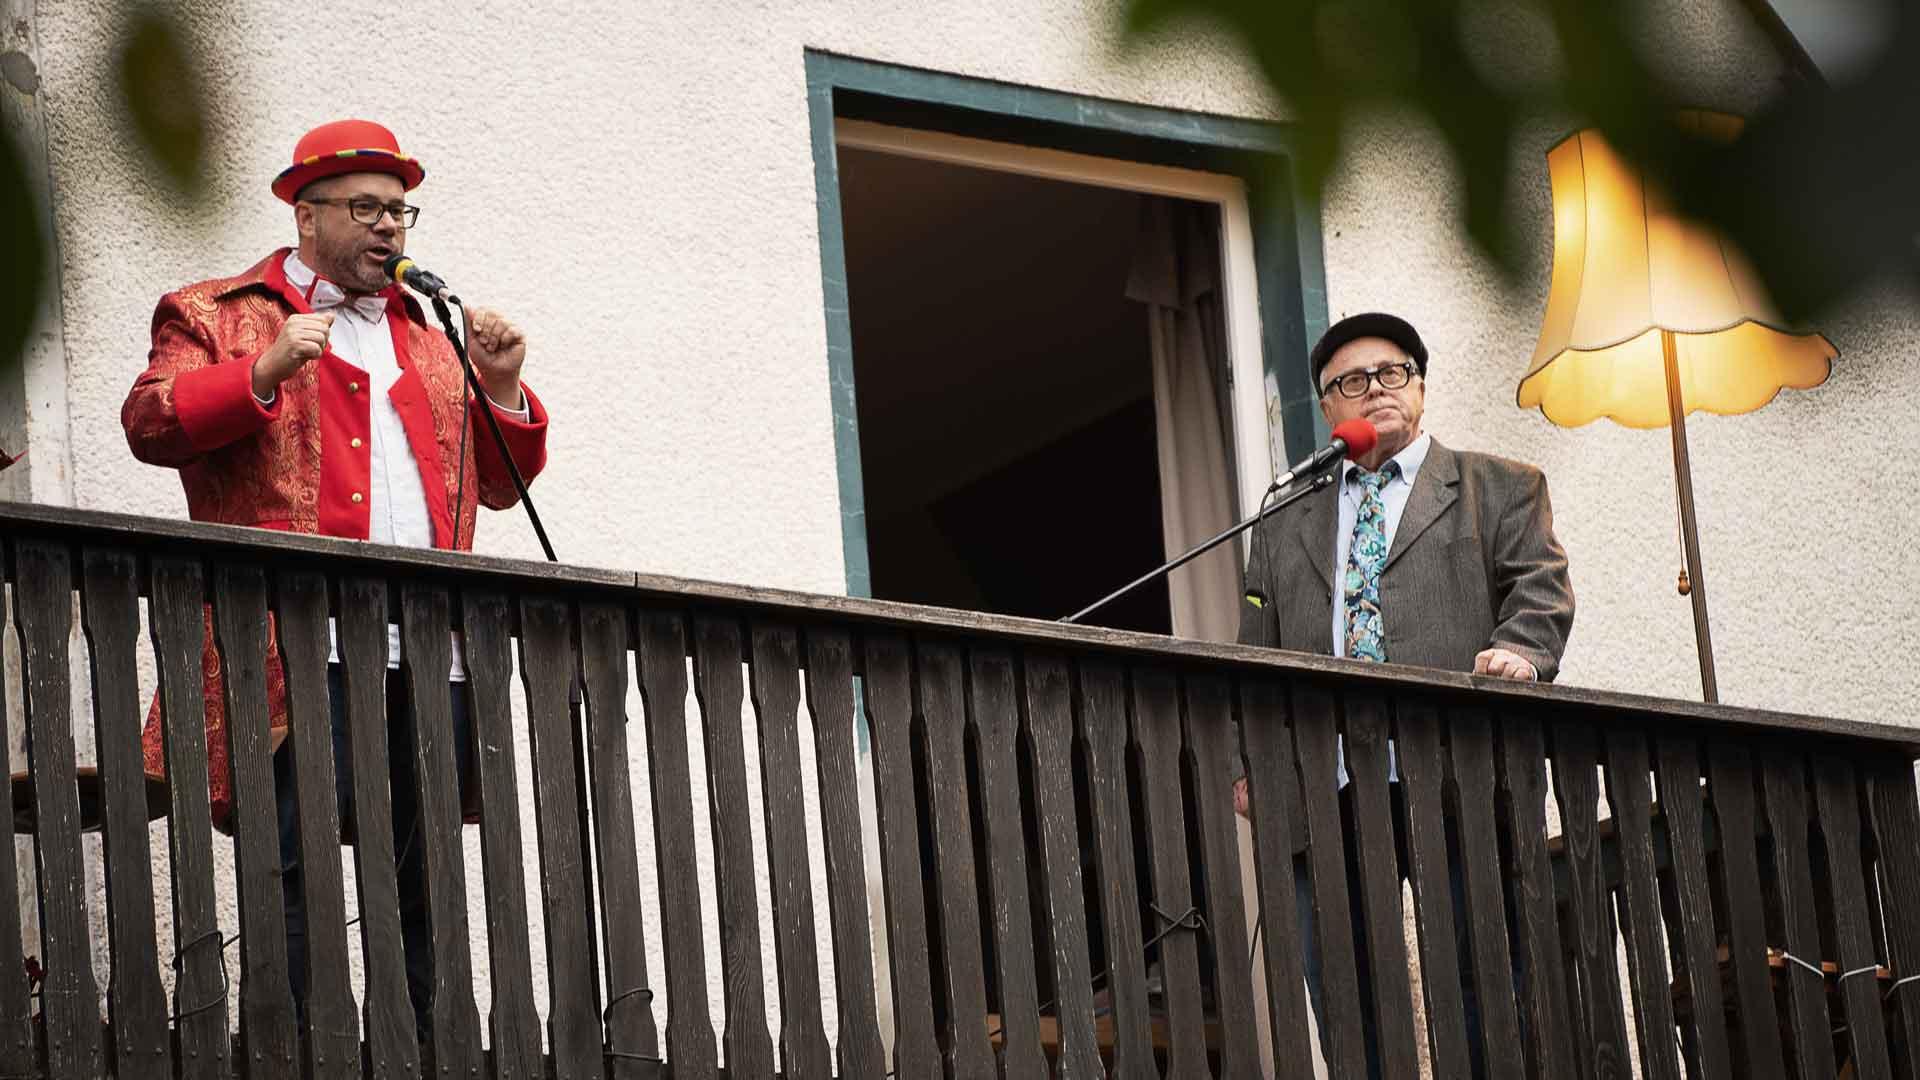 Marc und Dieter Lehwald beim Balkon der freien Künste 2020